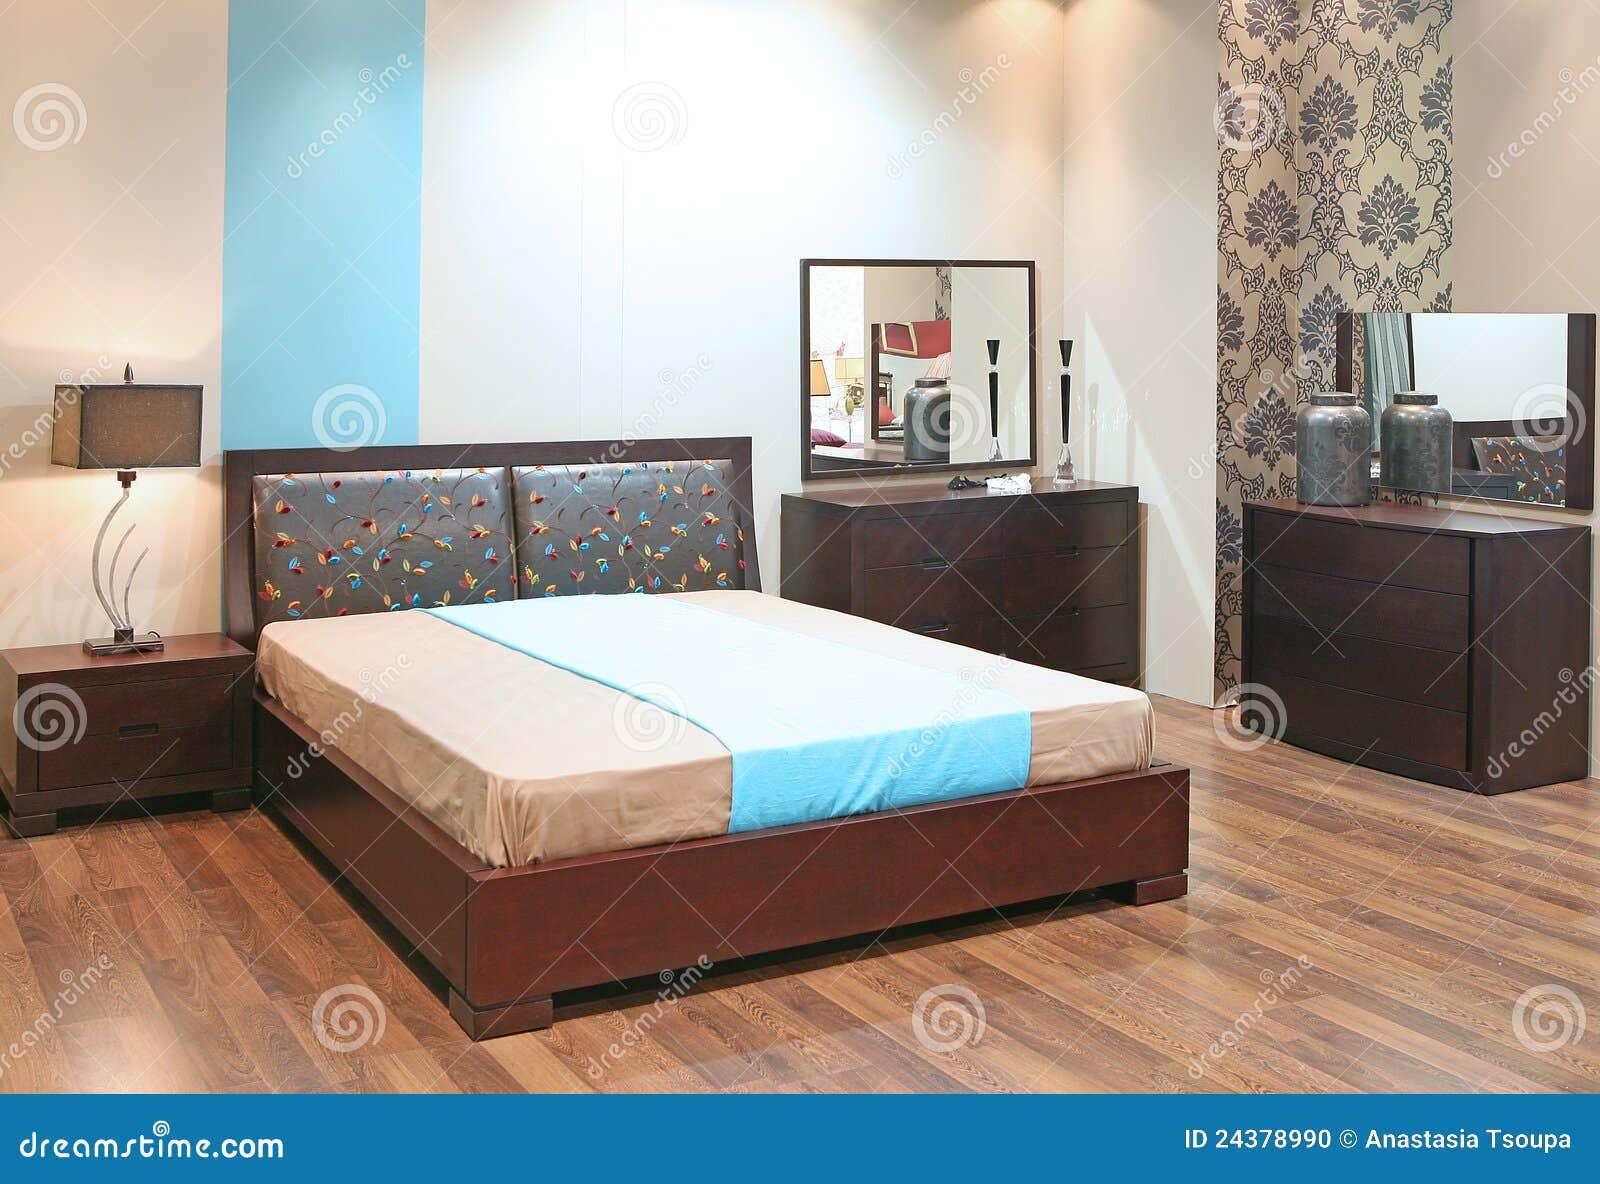 Slaapkamer Houten Vloer : Slaapkamer met houten vloer stock foto afbeelding bestaande uit